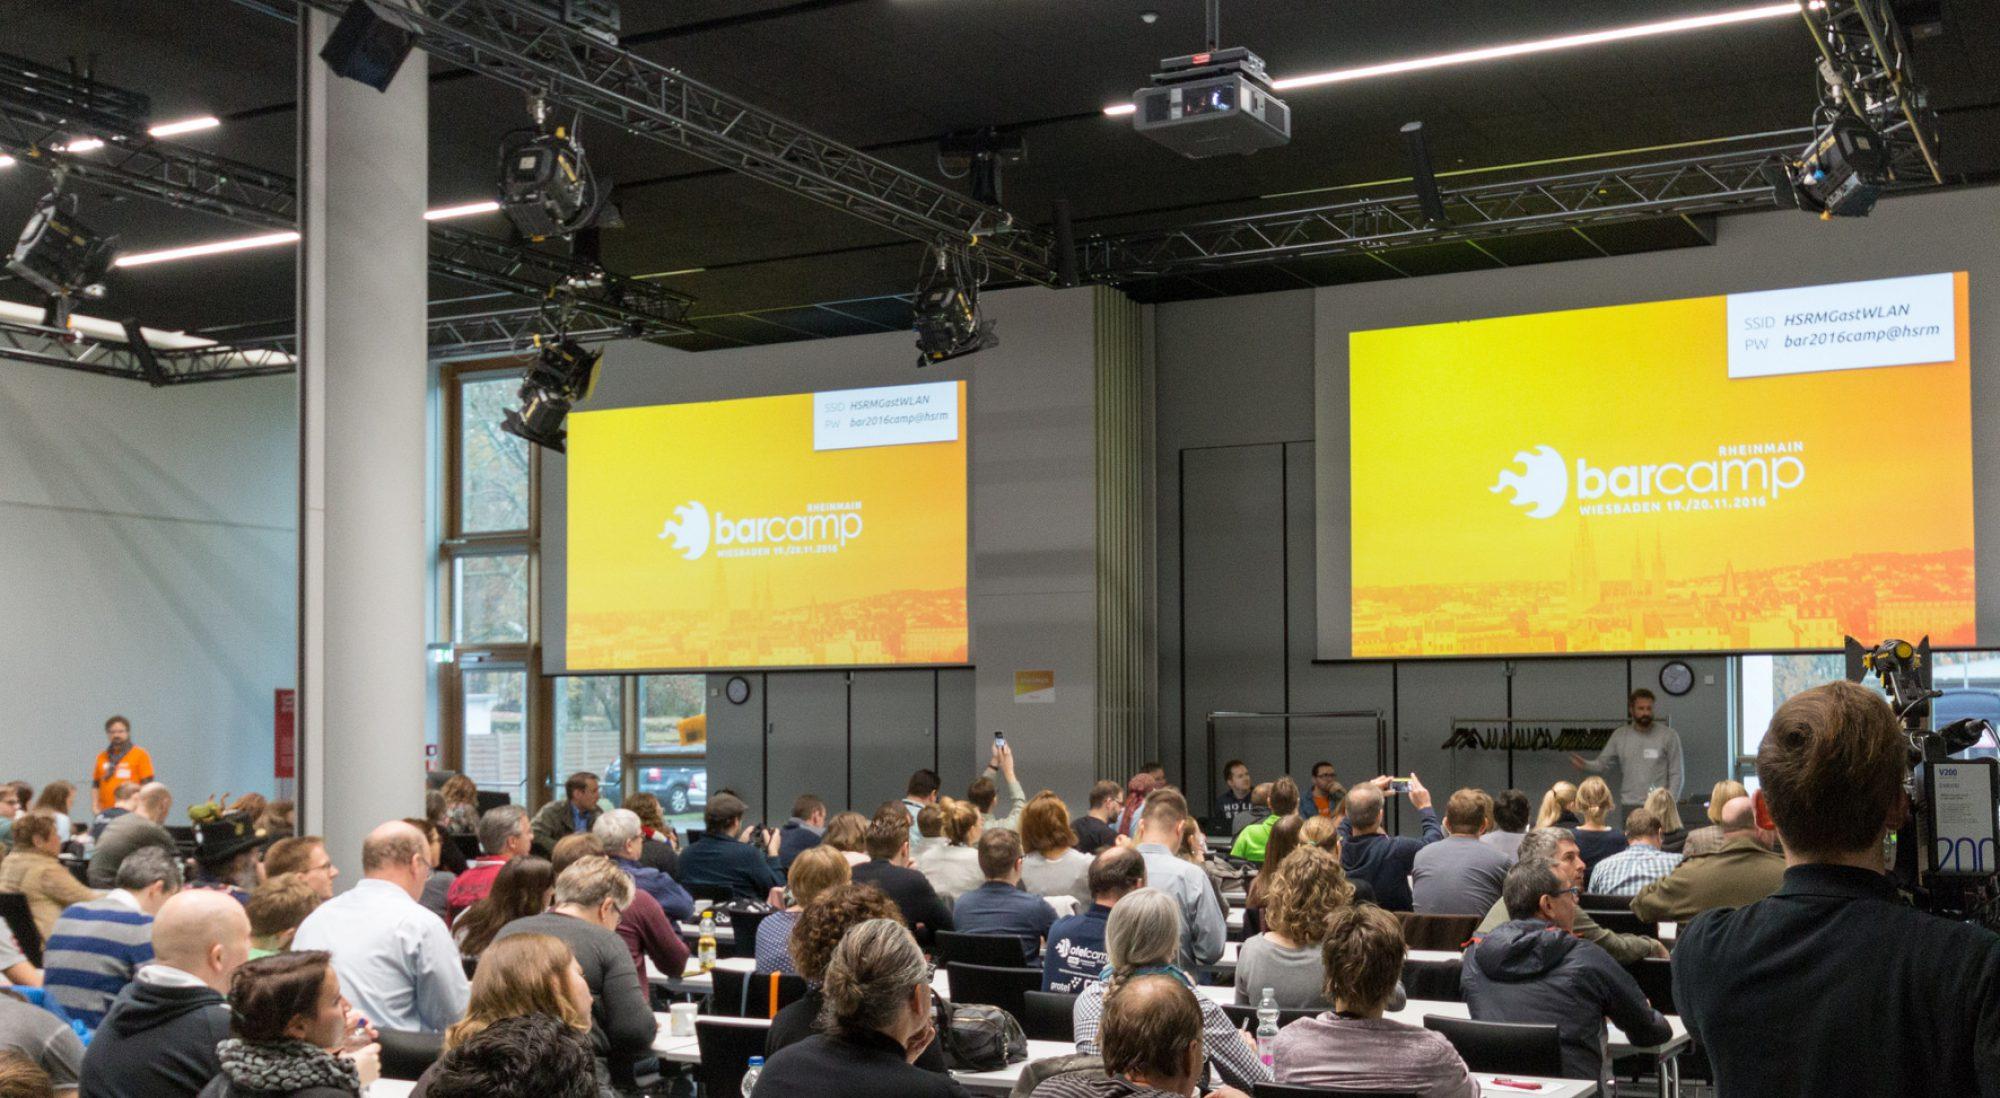 Verein zur Förderung der Netzkultur im Rhein-Main-Gebiet e.V.